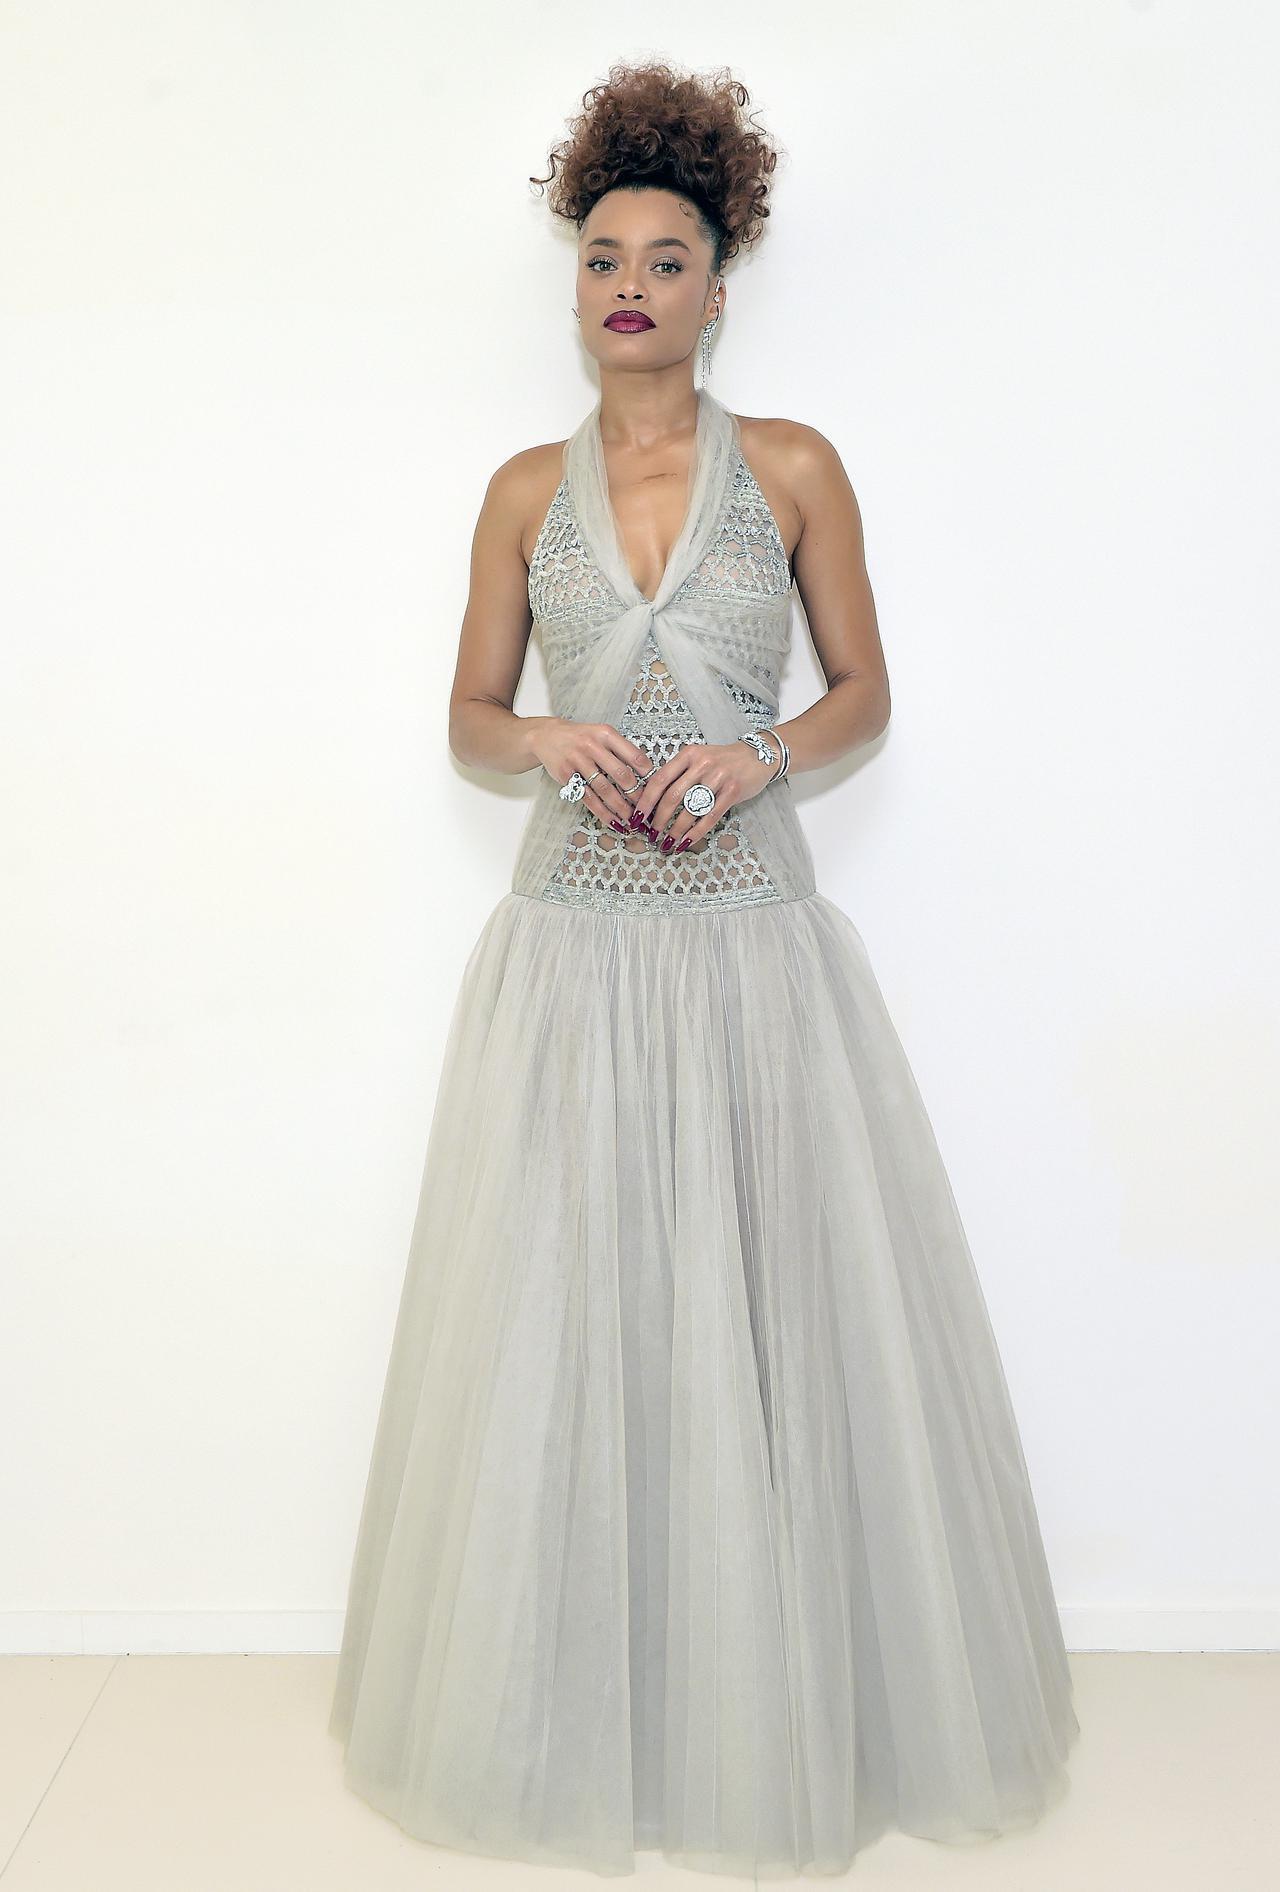 画像1: Chanel Photo:Getty Images/Stefanie Keenan